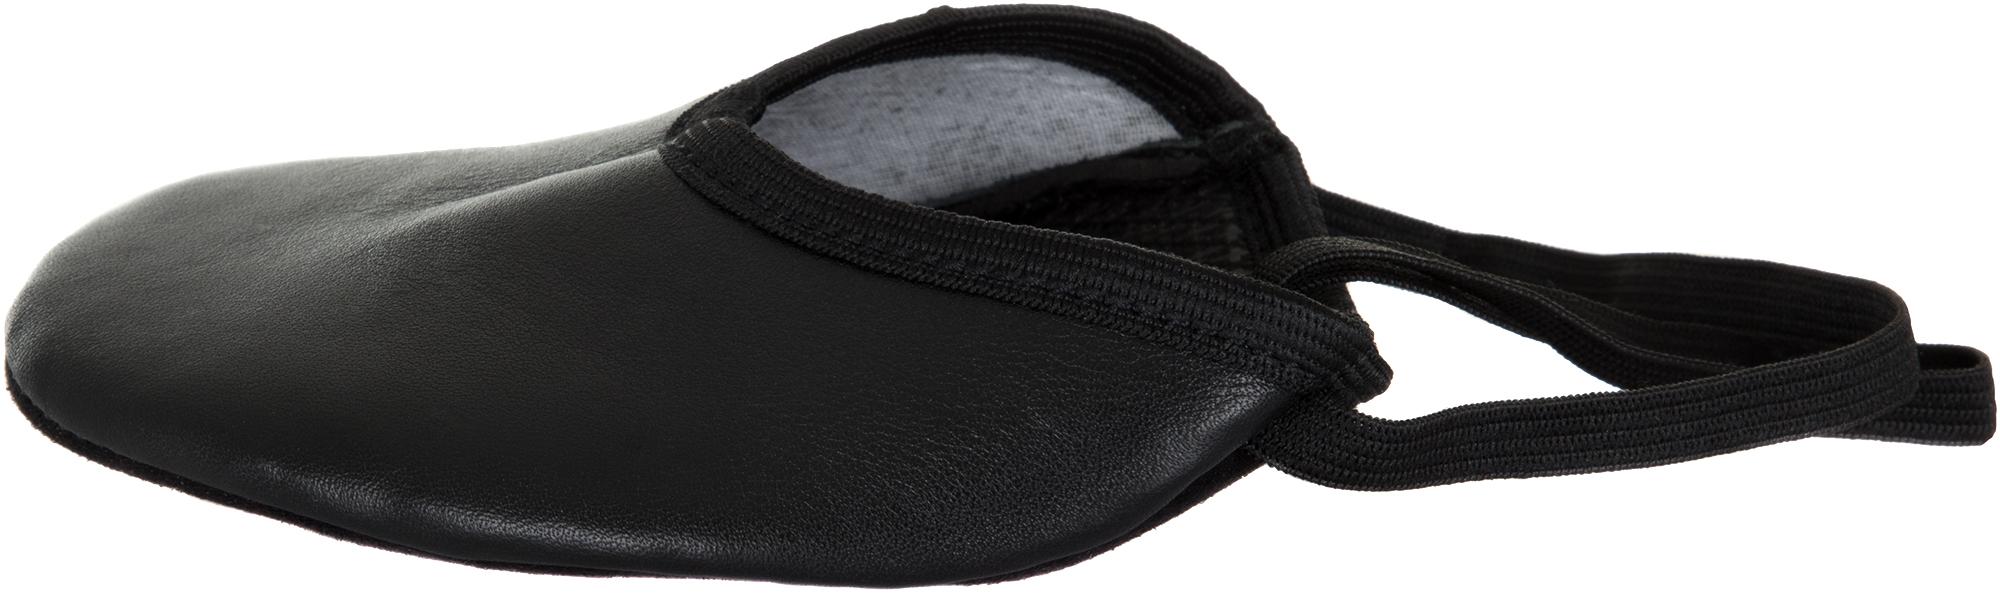 92f6d4934 Обувь для мальчиков, Обувь для тренинга и фитнеса купить недорого в ...